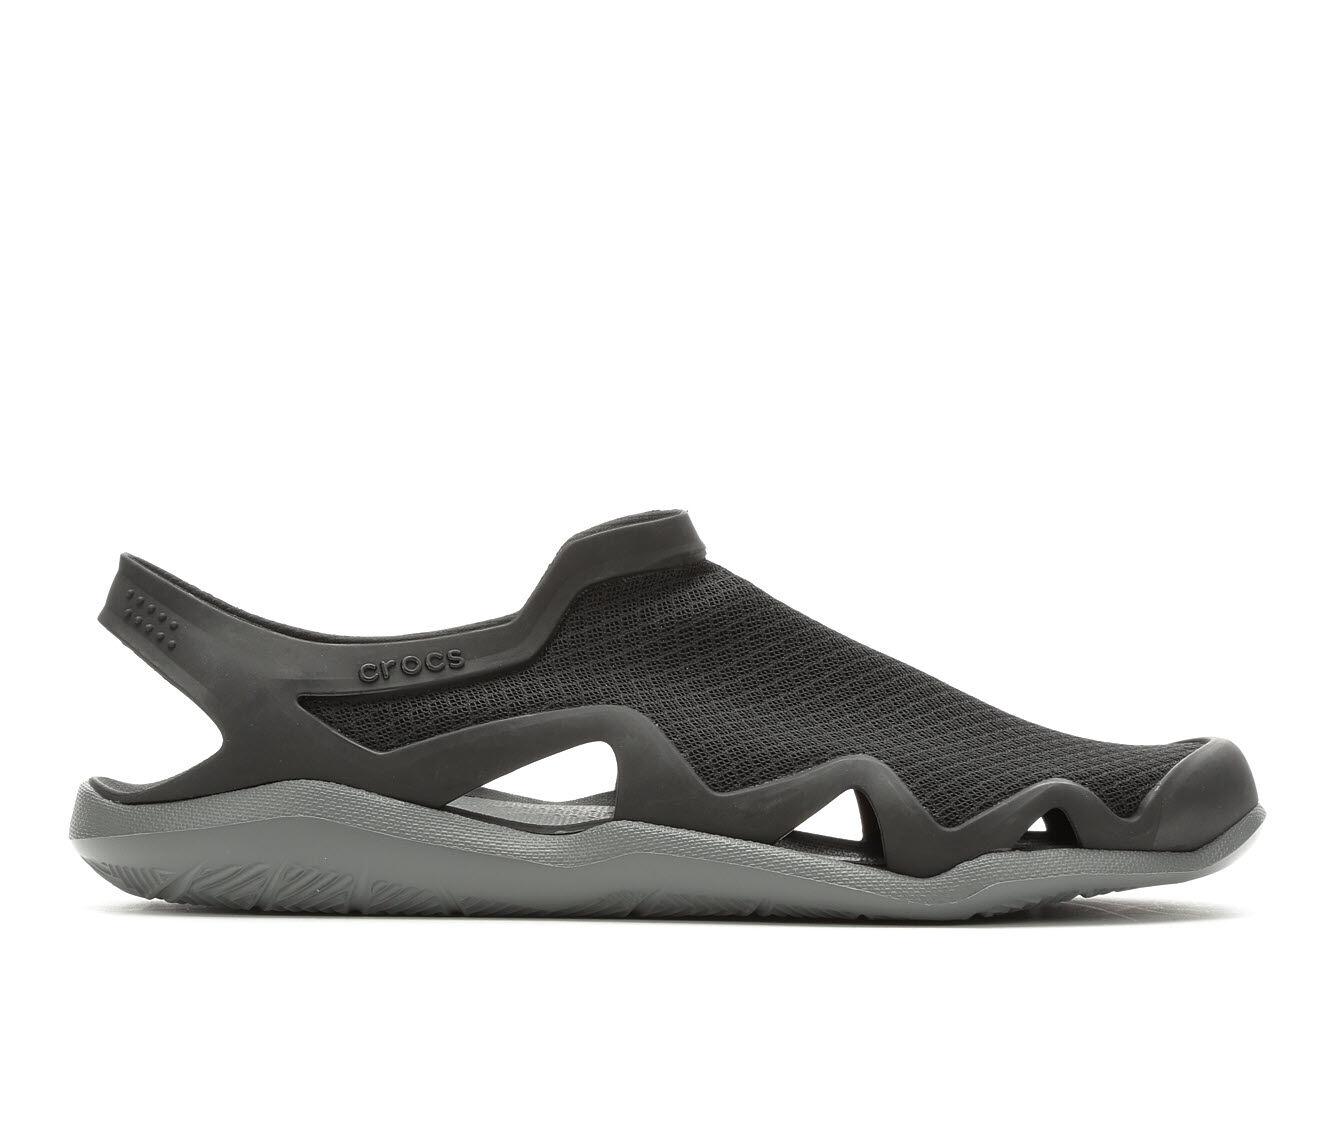 Men's Crocs Swiftwater Mesh Wave Outdoor Sandals Black/SlateGrey